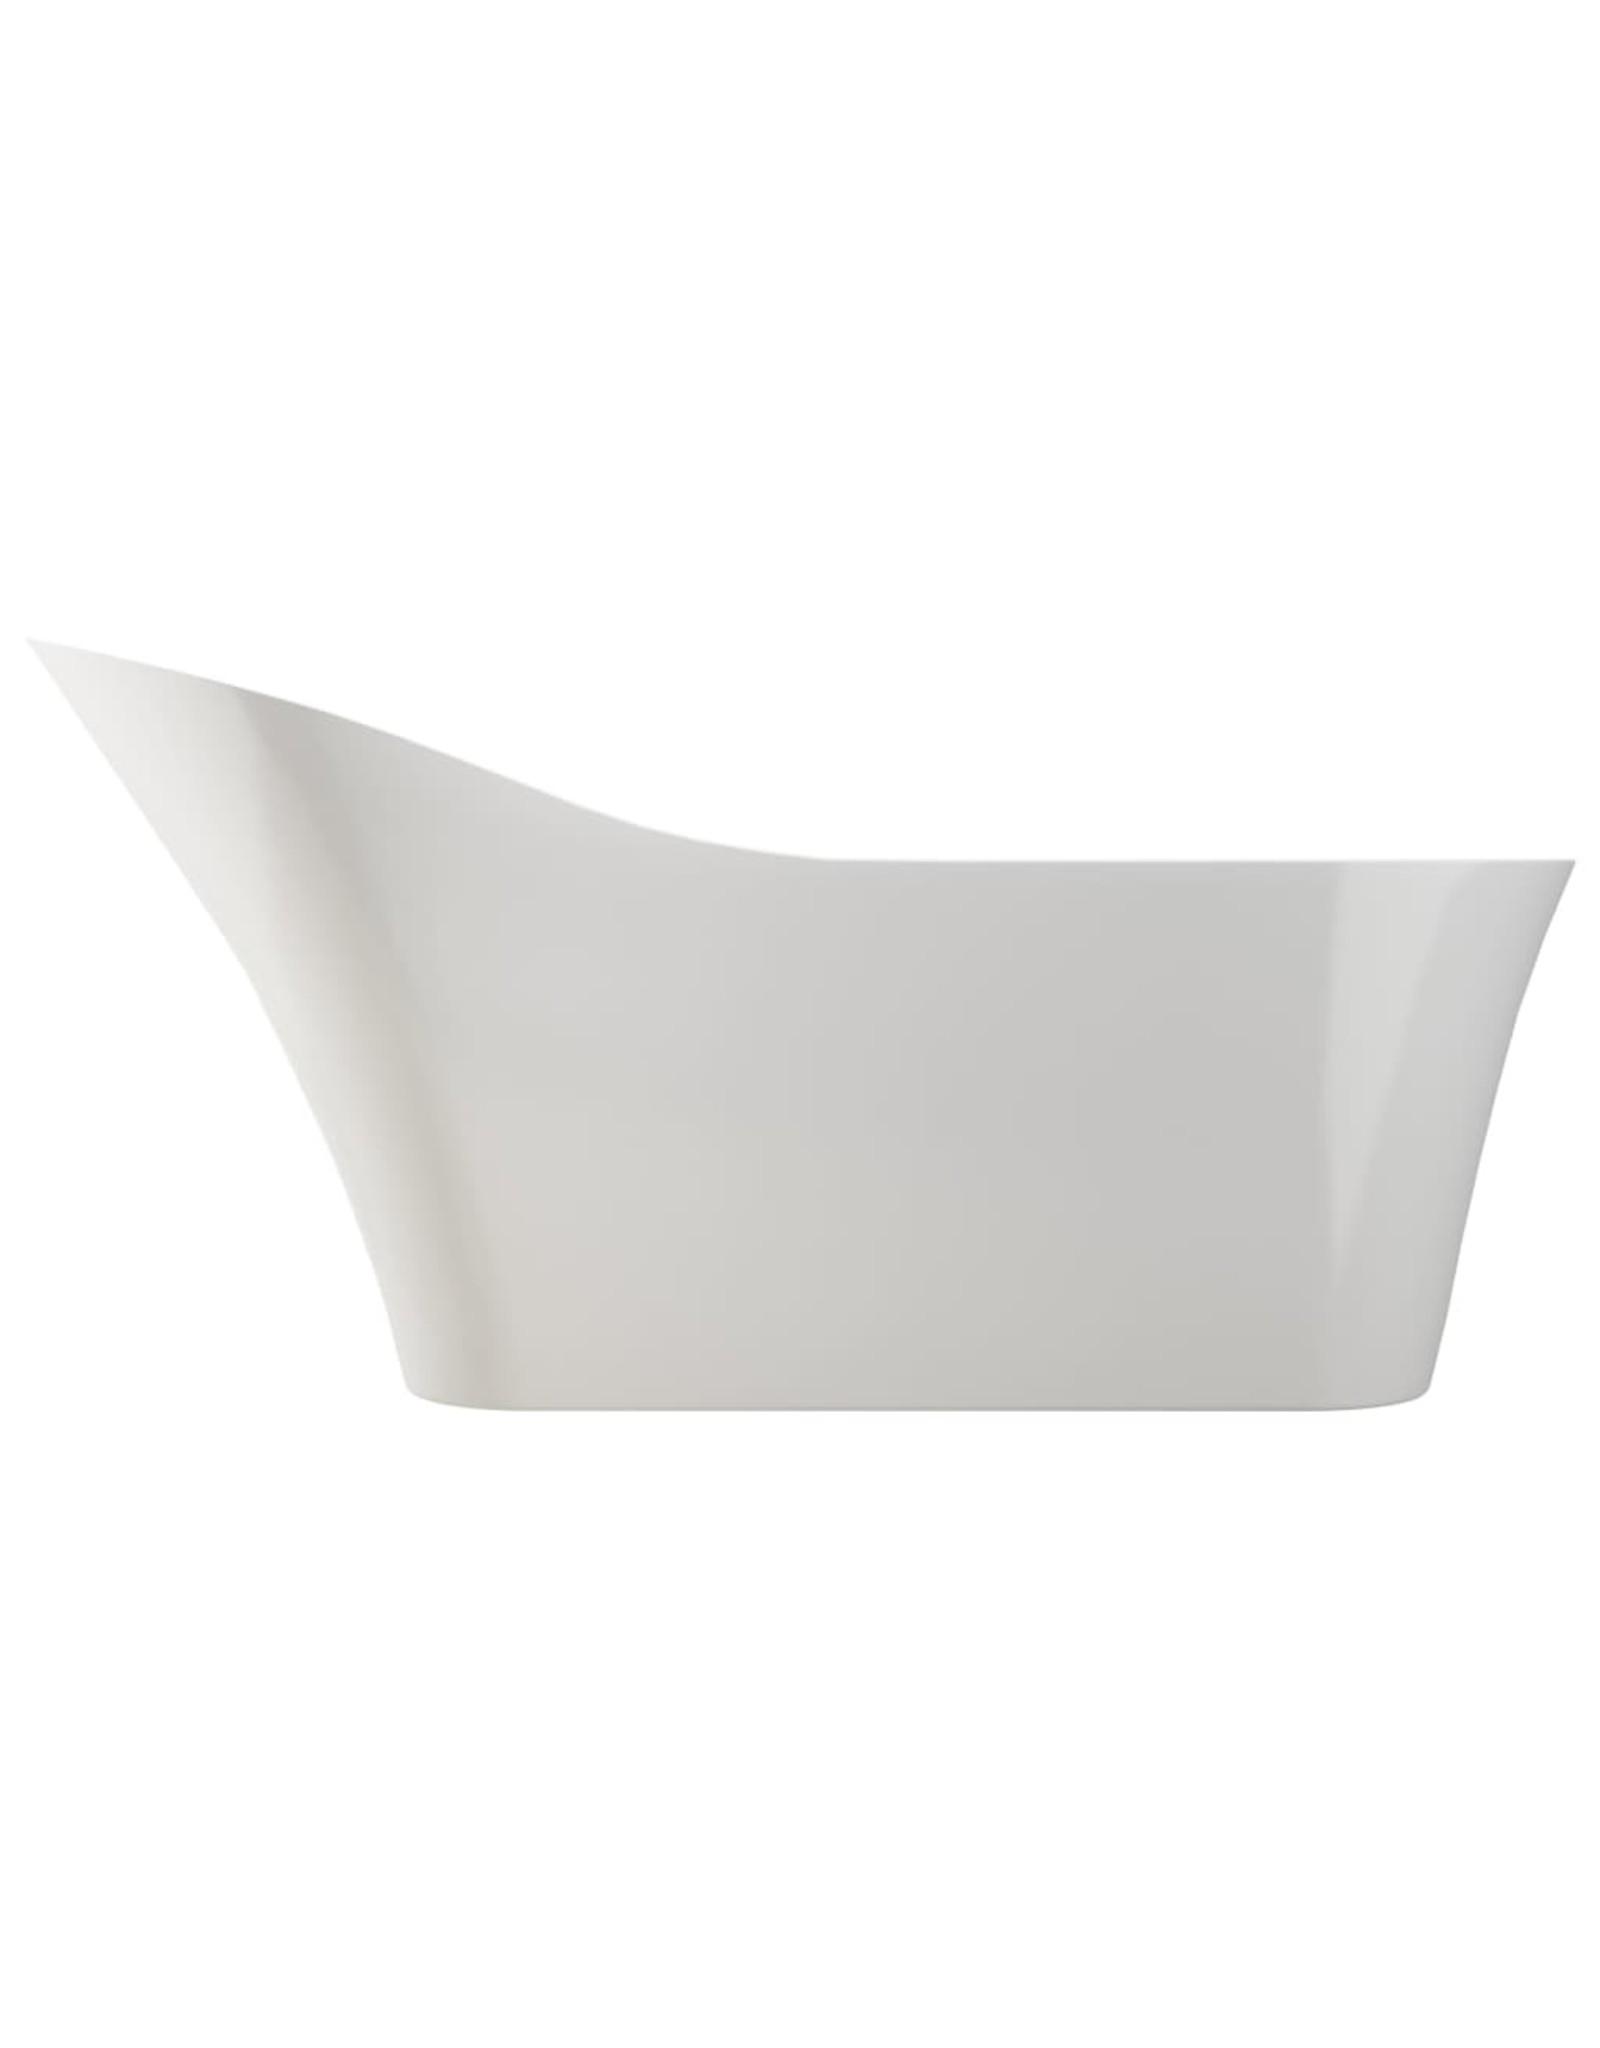 Badkuip vrijstaand met kraan 210 L 110 cm zilverkleurig